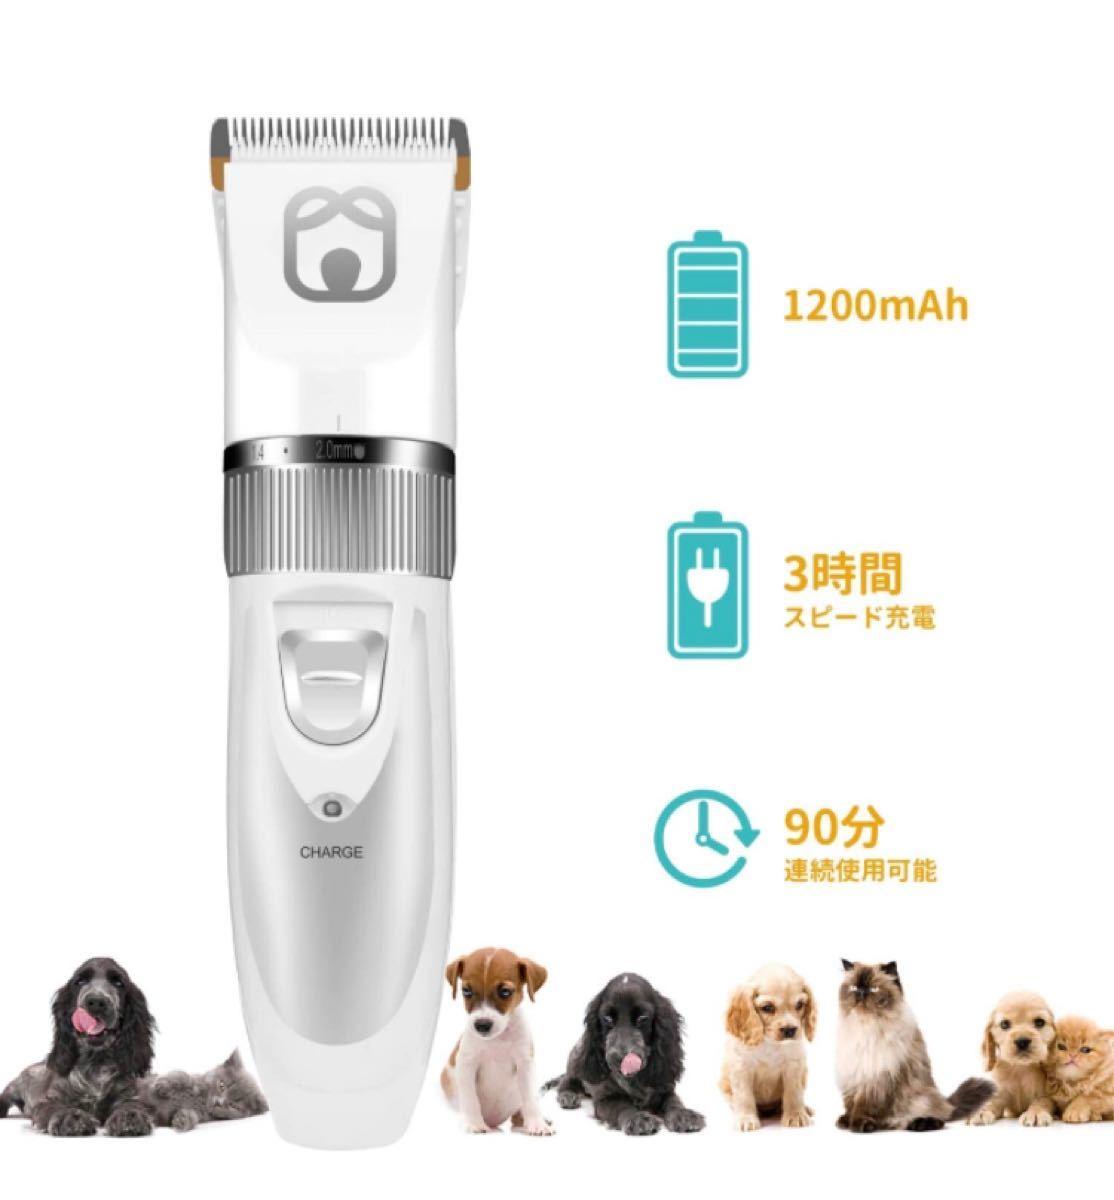 犬用バリカン 5段階調整可能 低騒音 USB充電式 4本アタッチメント付